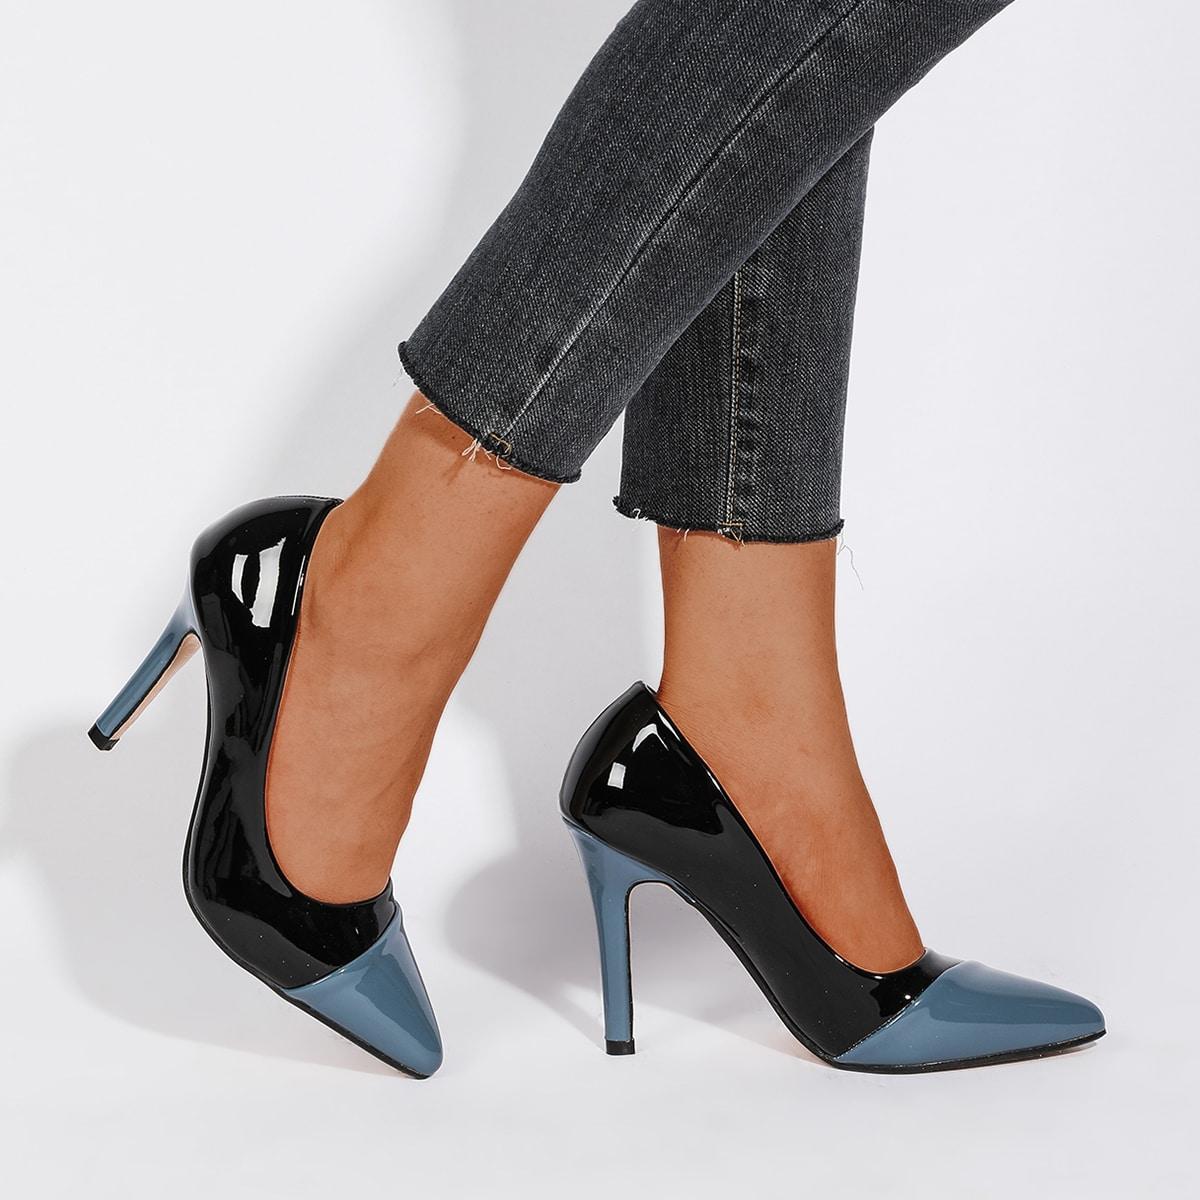 Двухцветные туфли на каблуках с острым носком